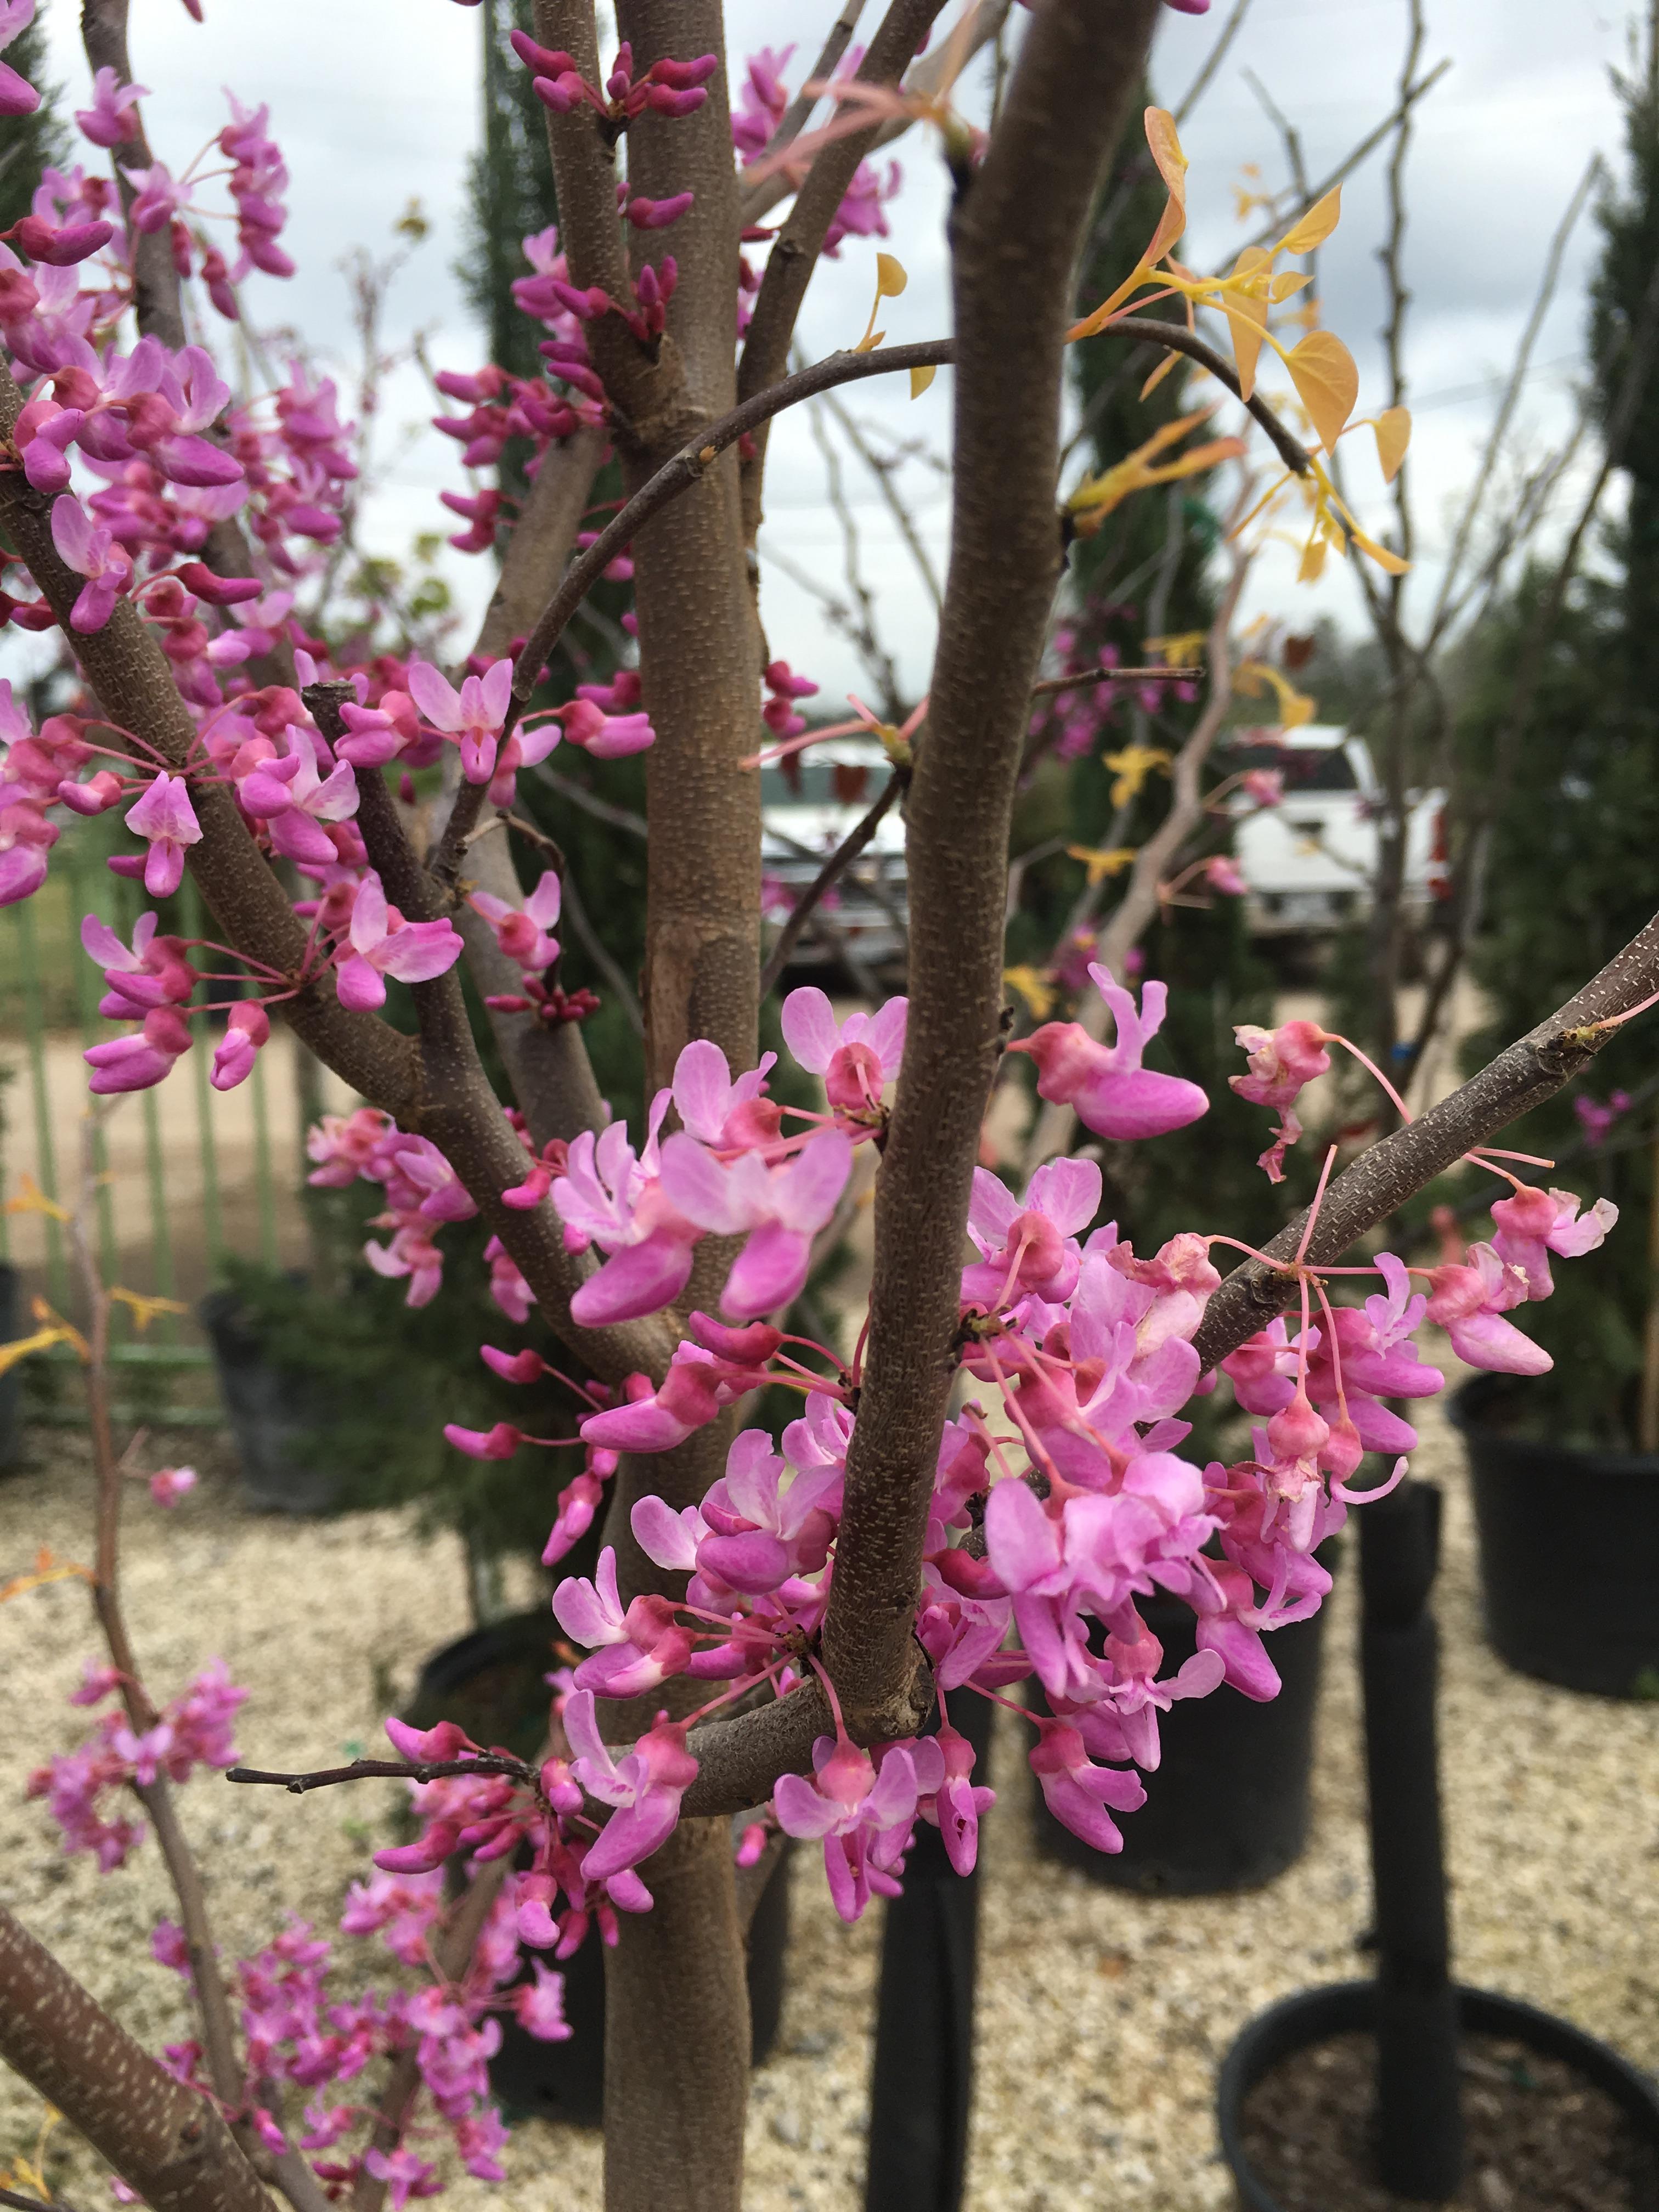 Texas redbud is blooming shades of texas nursery landscaping texas redbud is blooming mightylinksfo